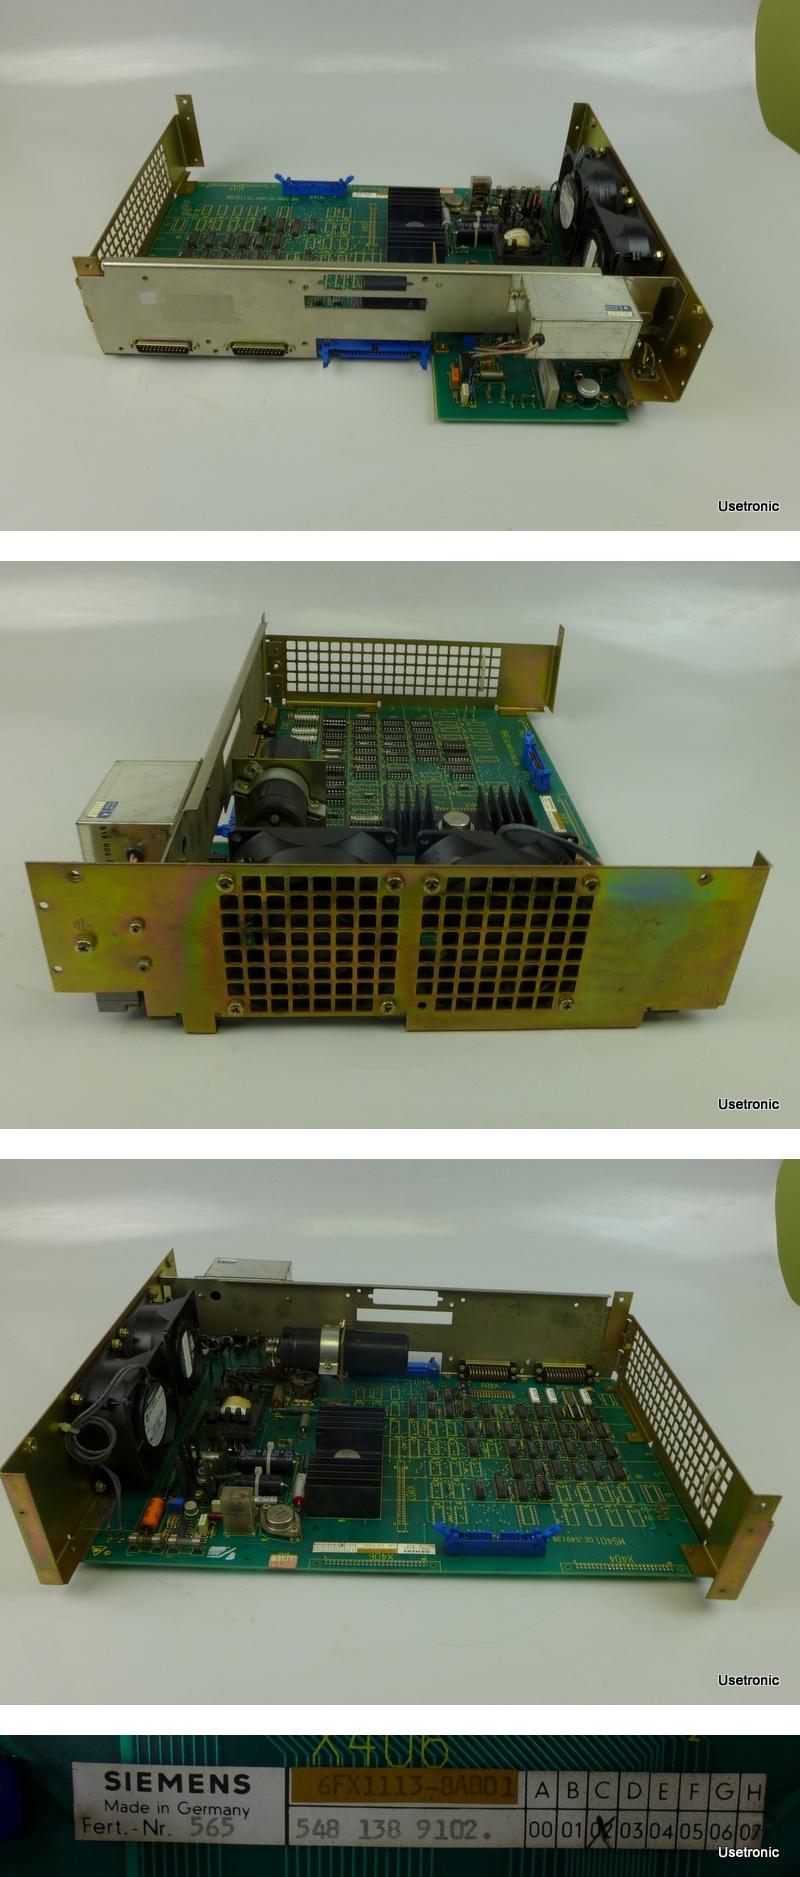 Siemens 6FX1113-8AB01